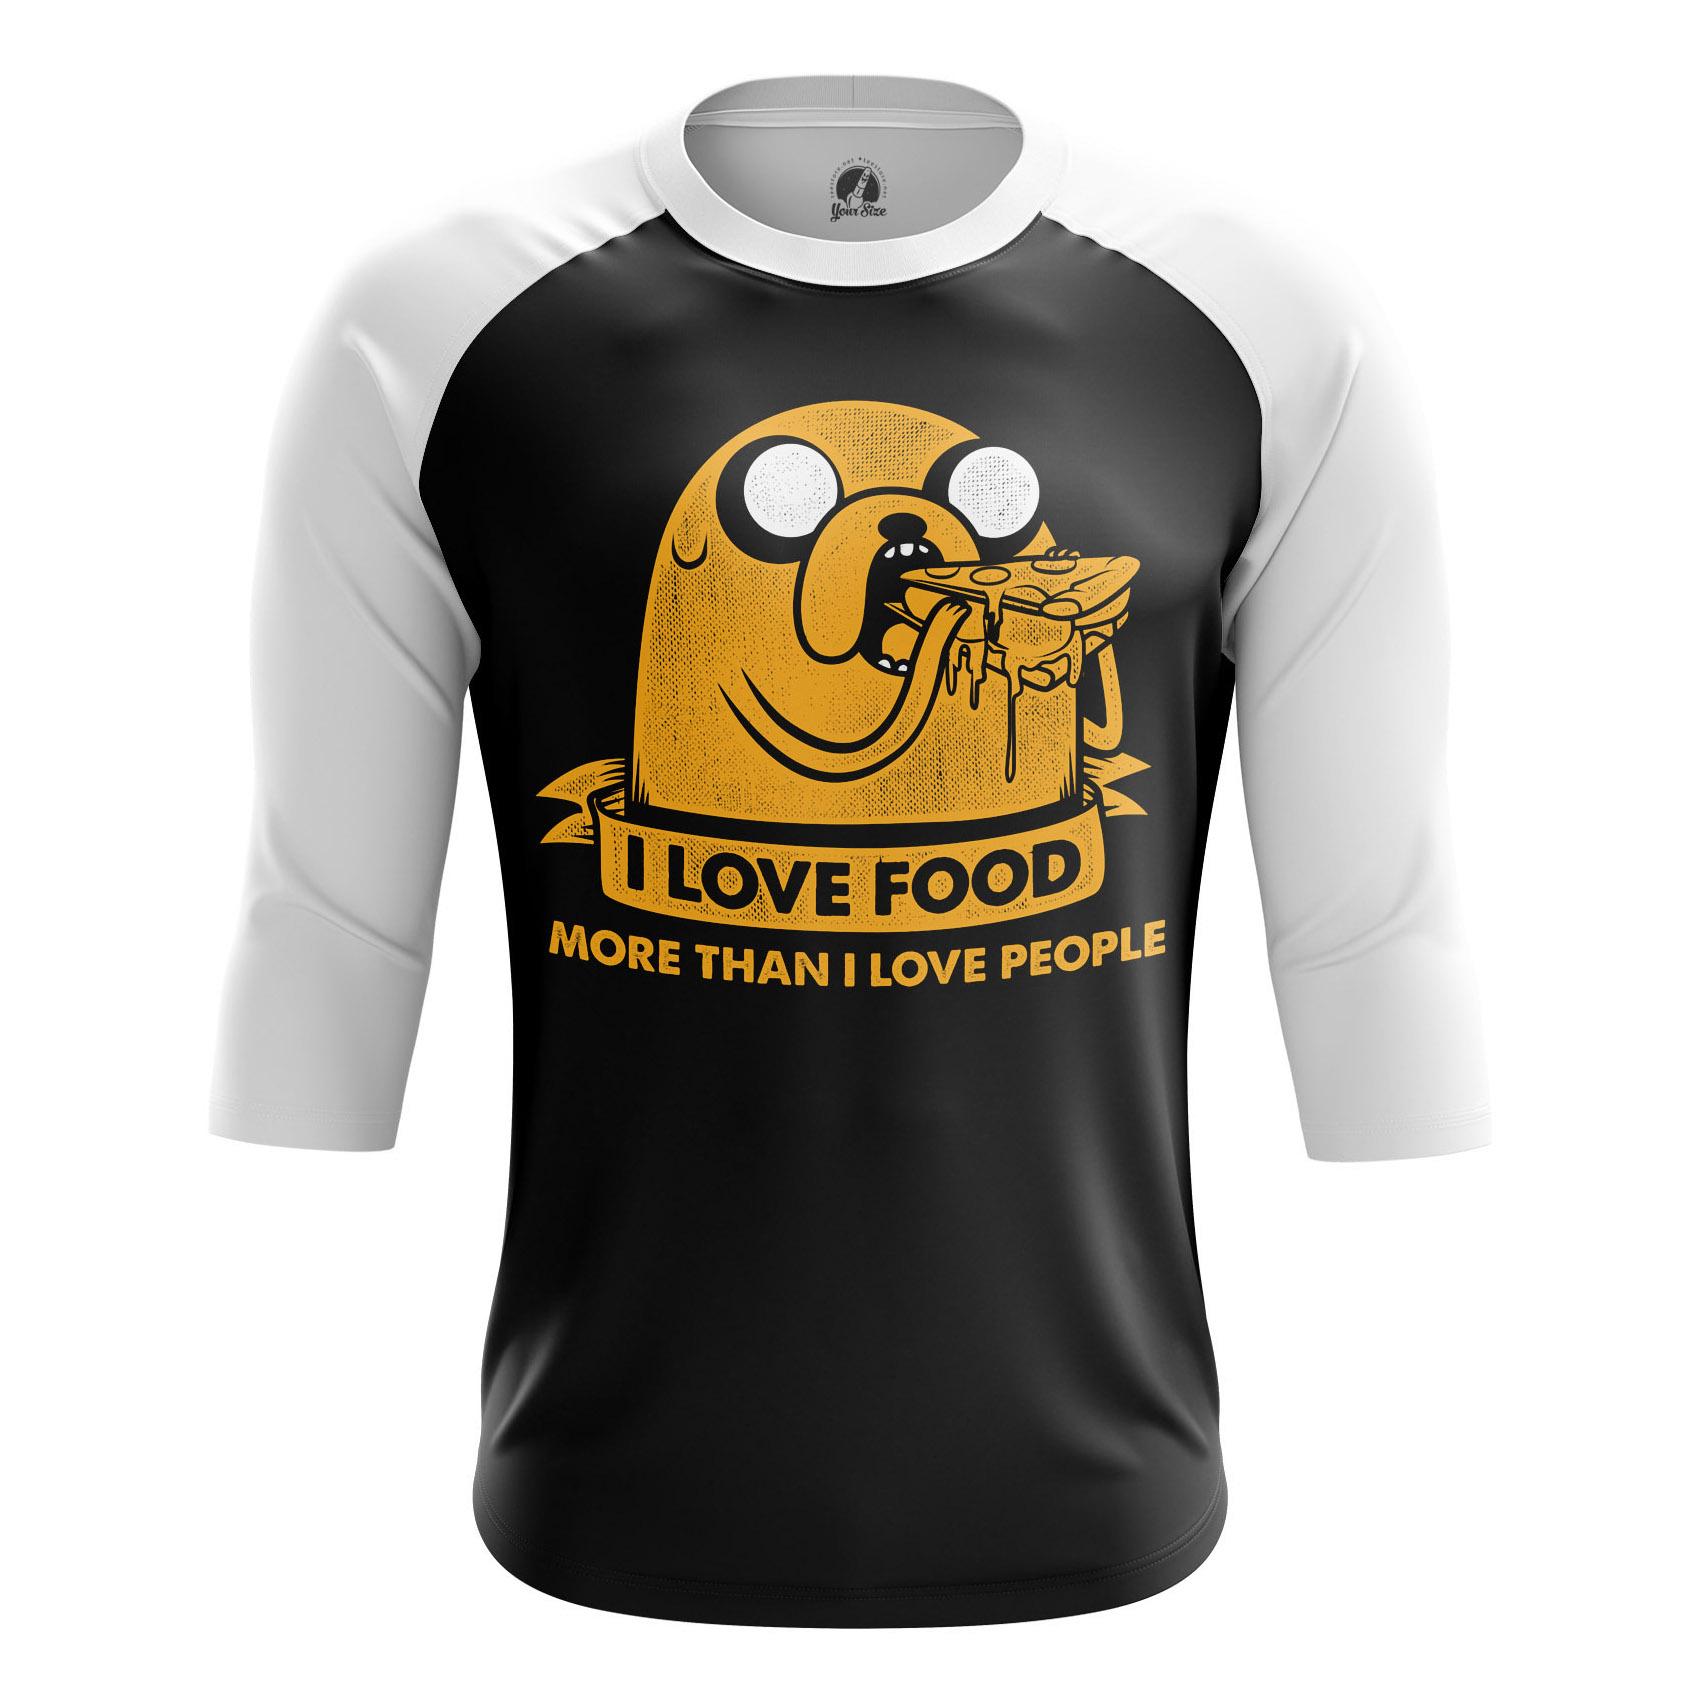 M-Rag-Foodtime_1482275315_248